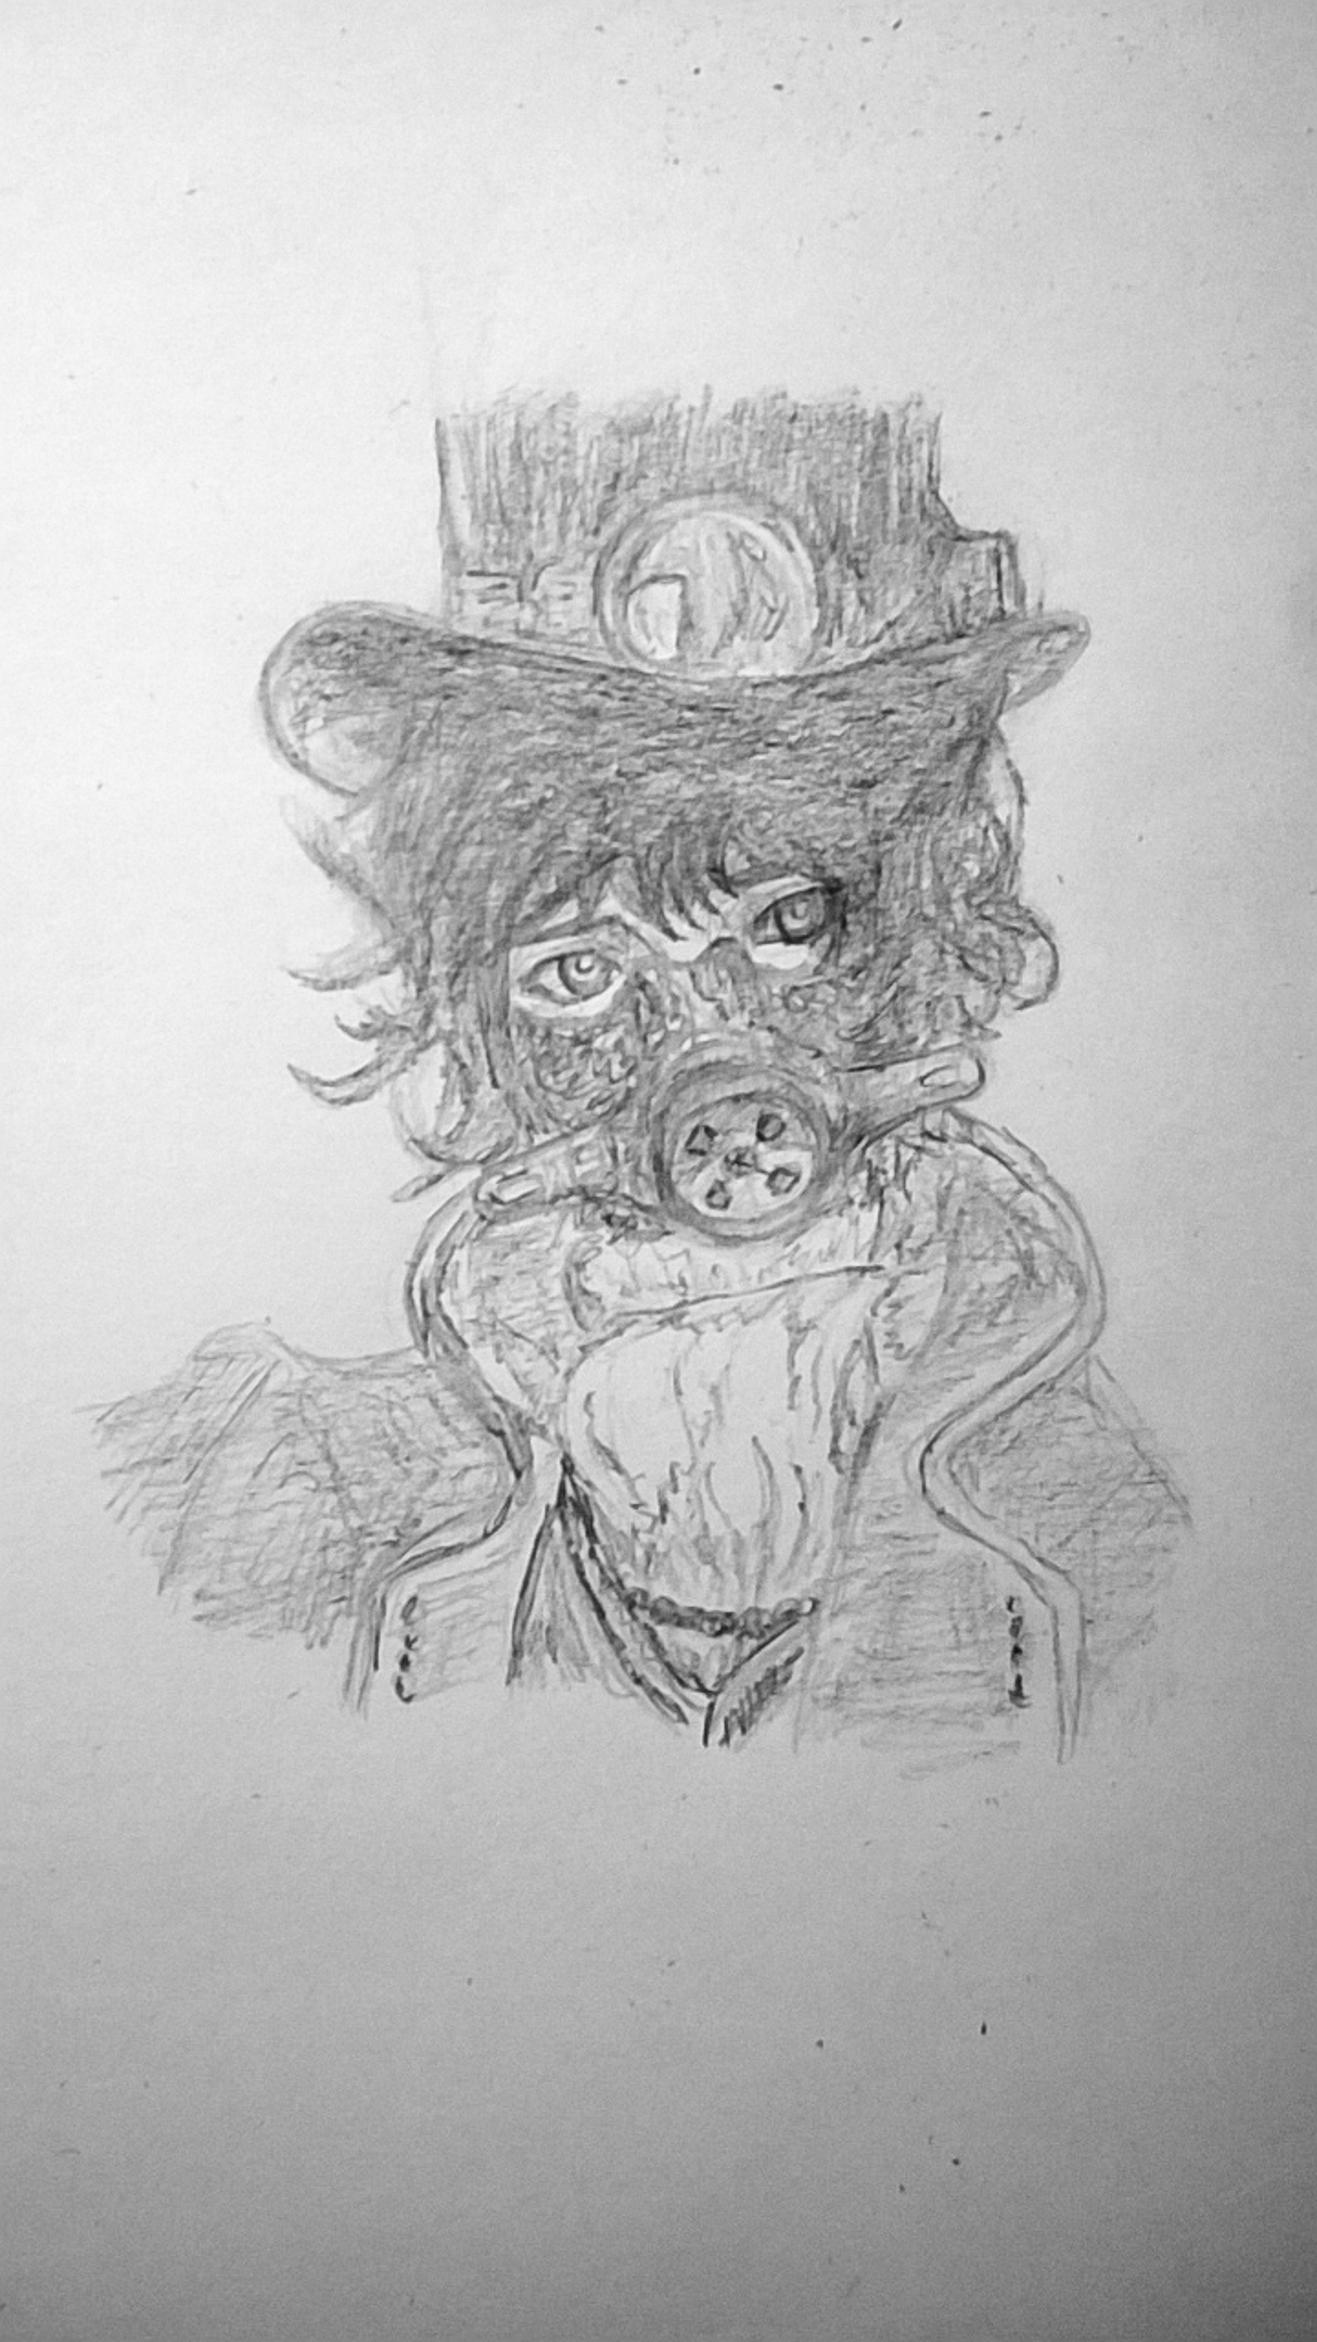 SteamPunk Guy